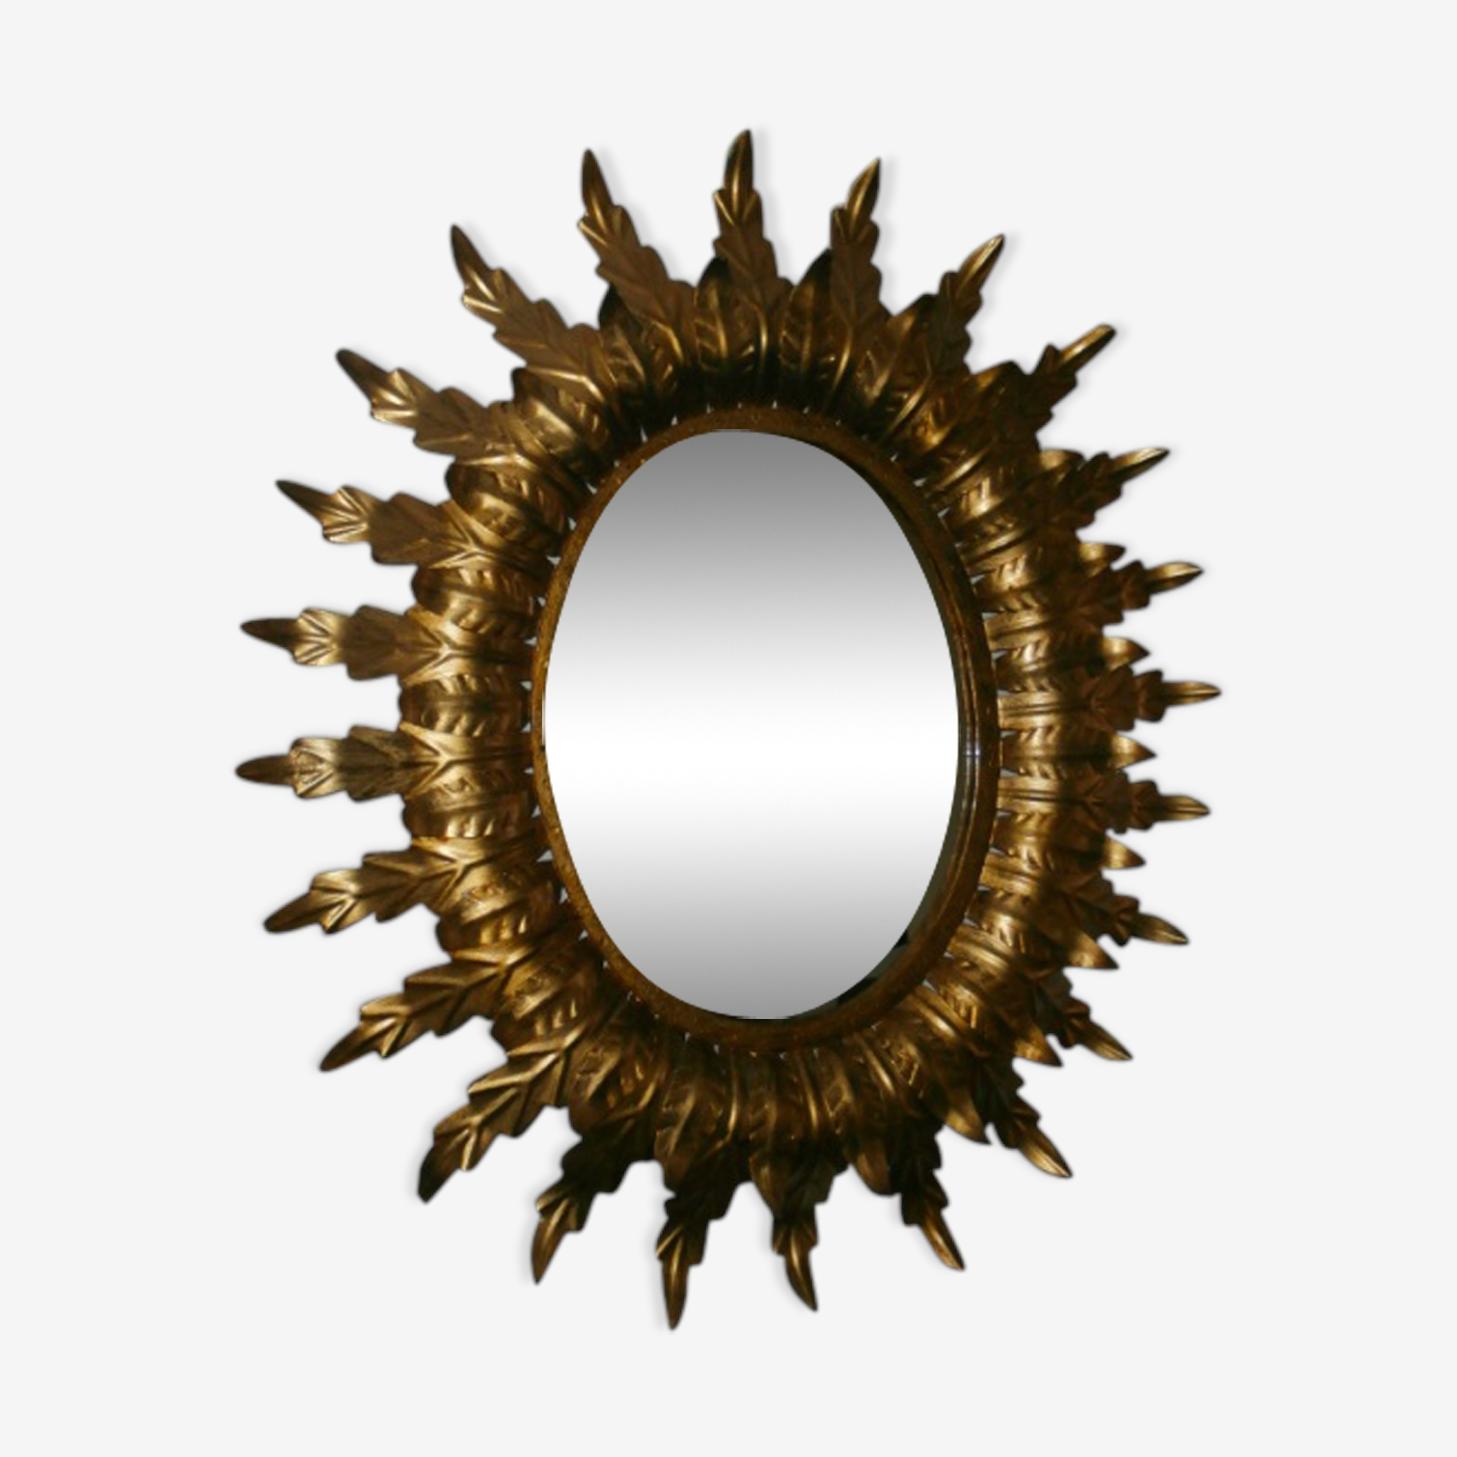 Miroir laiton vers 1950-1960